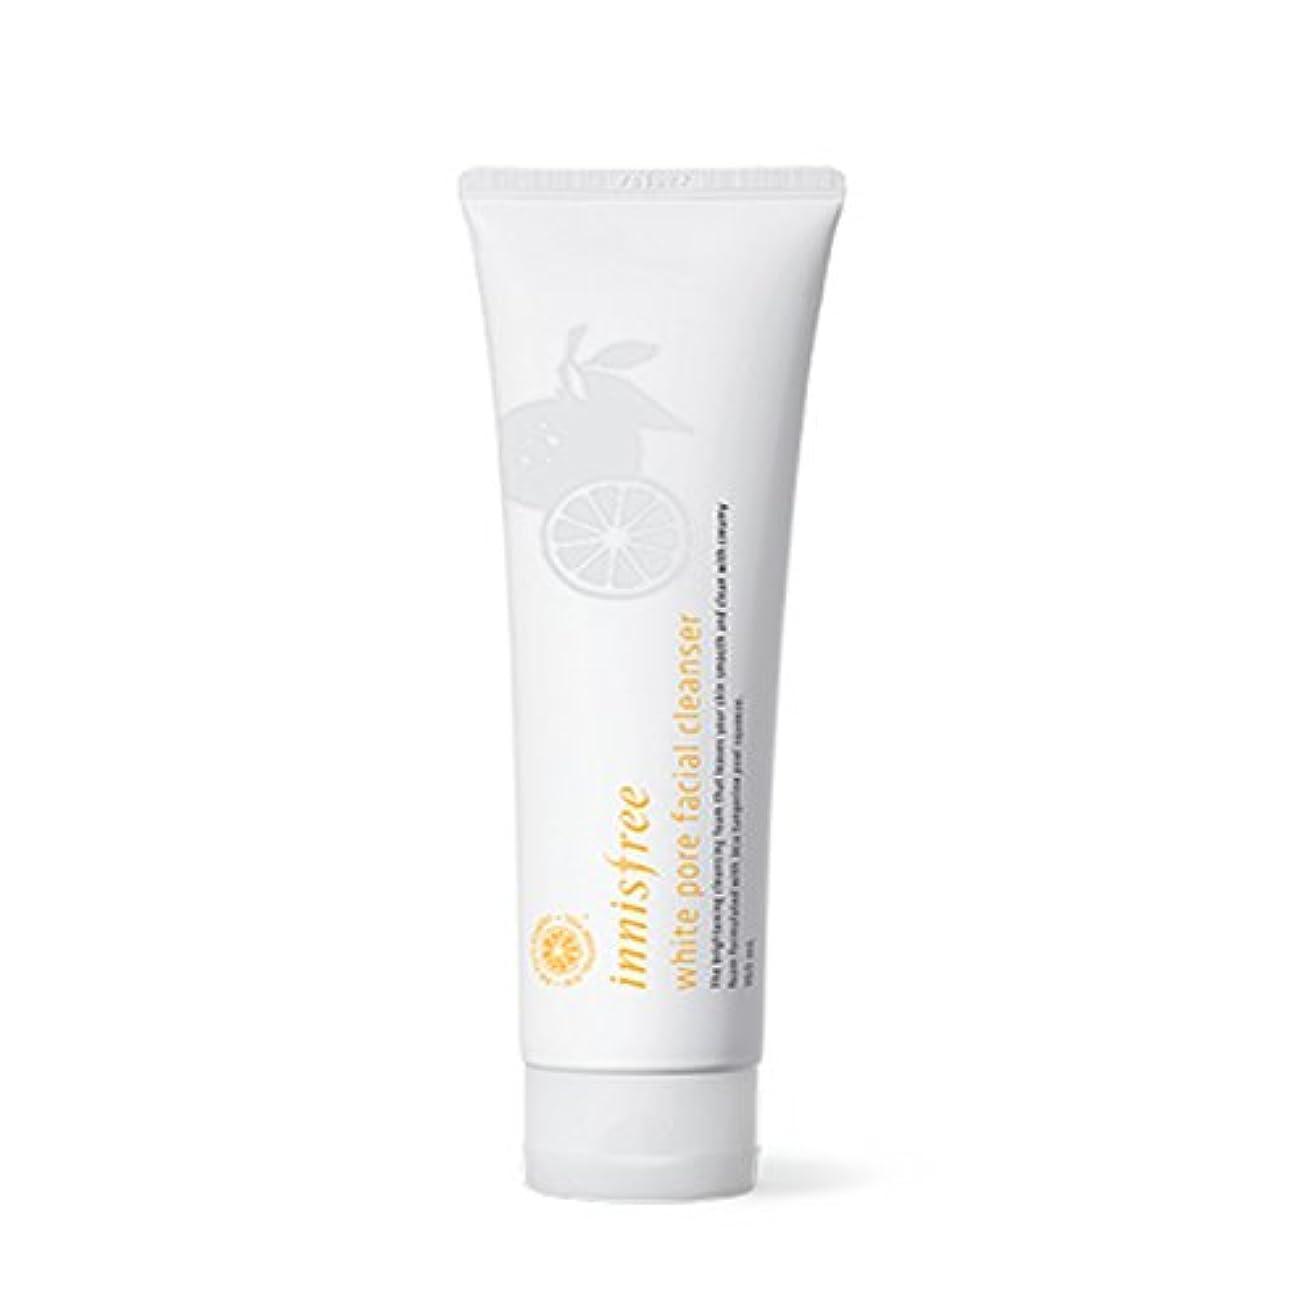 イニスフリーホワイトポアフェイシャルクレンザー150ml Innisfree White Pore Facial Cleanser 150ml [海外直送品][並行輸入品]